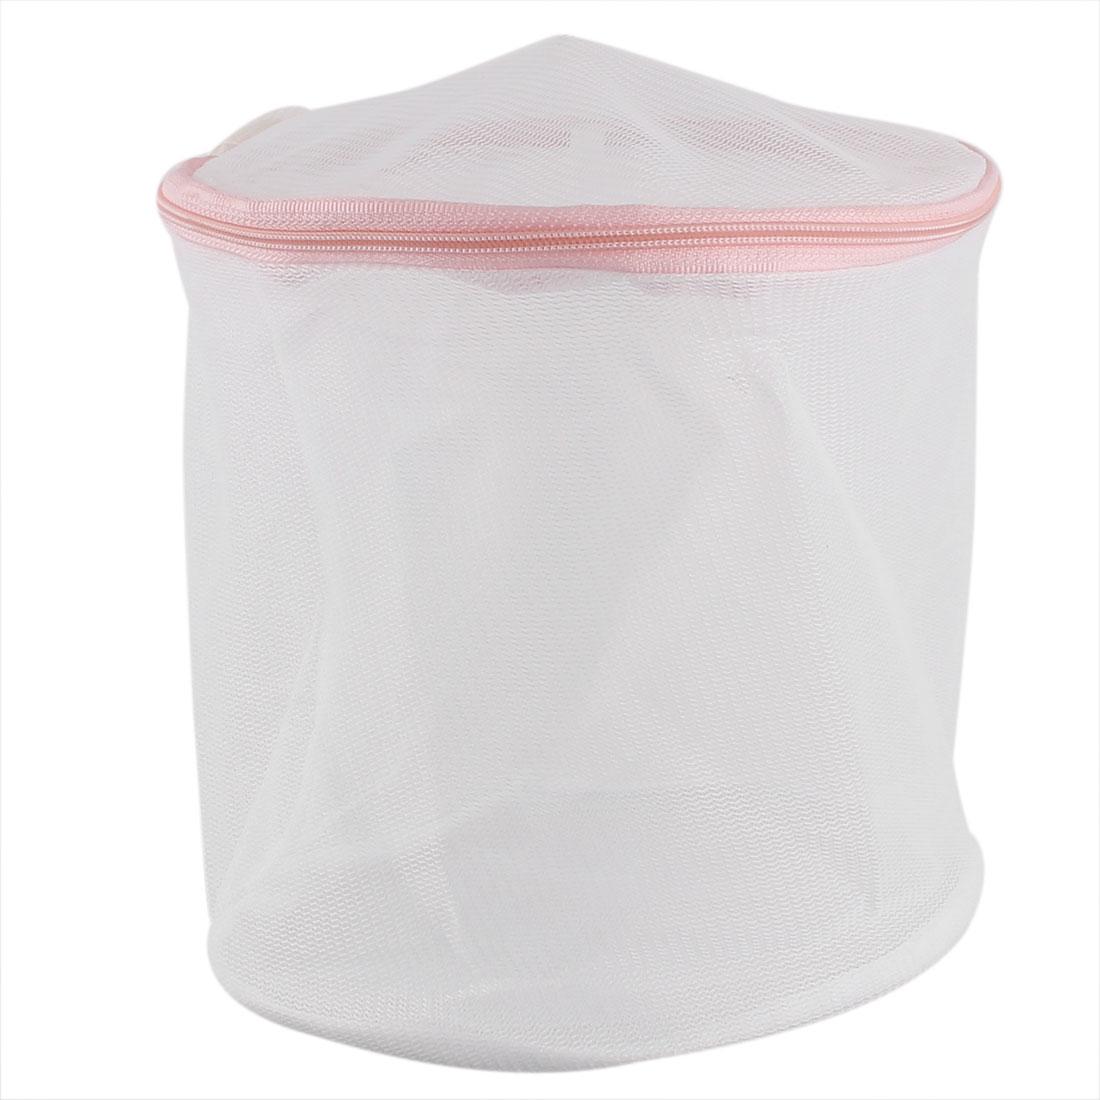 Cylindrical Folding Underclothes Bra Stockings Zippered Mesh Washing Bag White